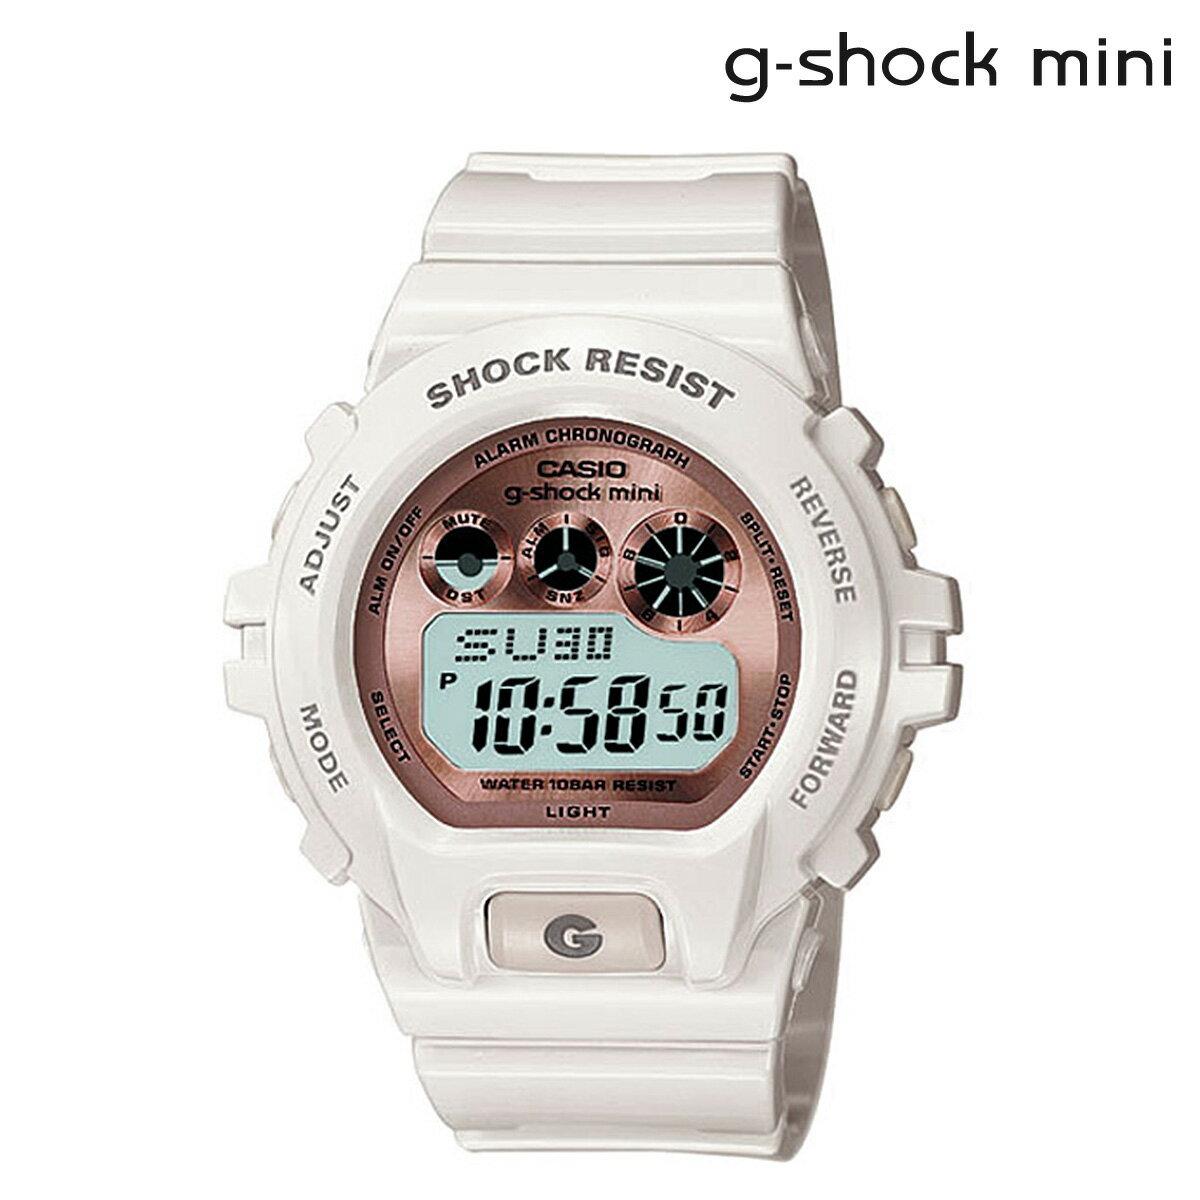 腕時計, レディース腕時計 600OFF CASIO g-shock mini GMN-691-7BJF G G-